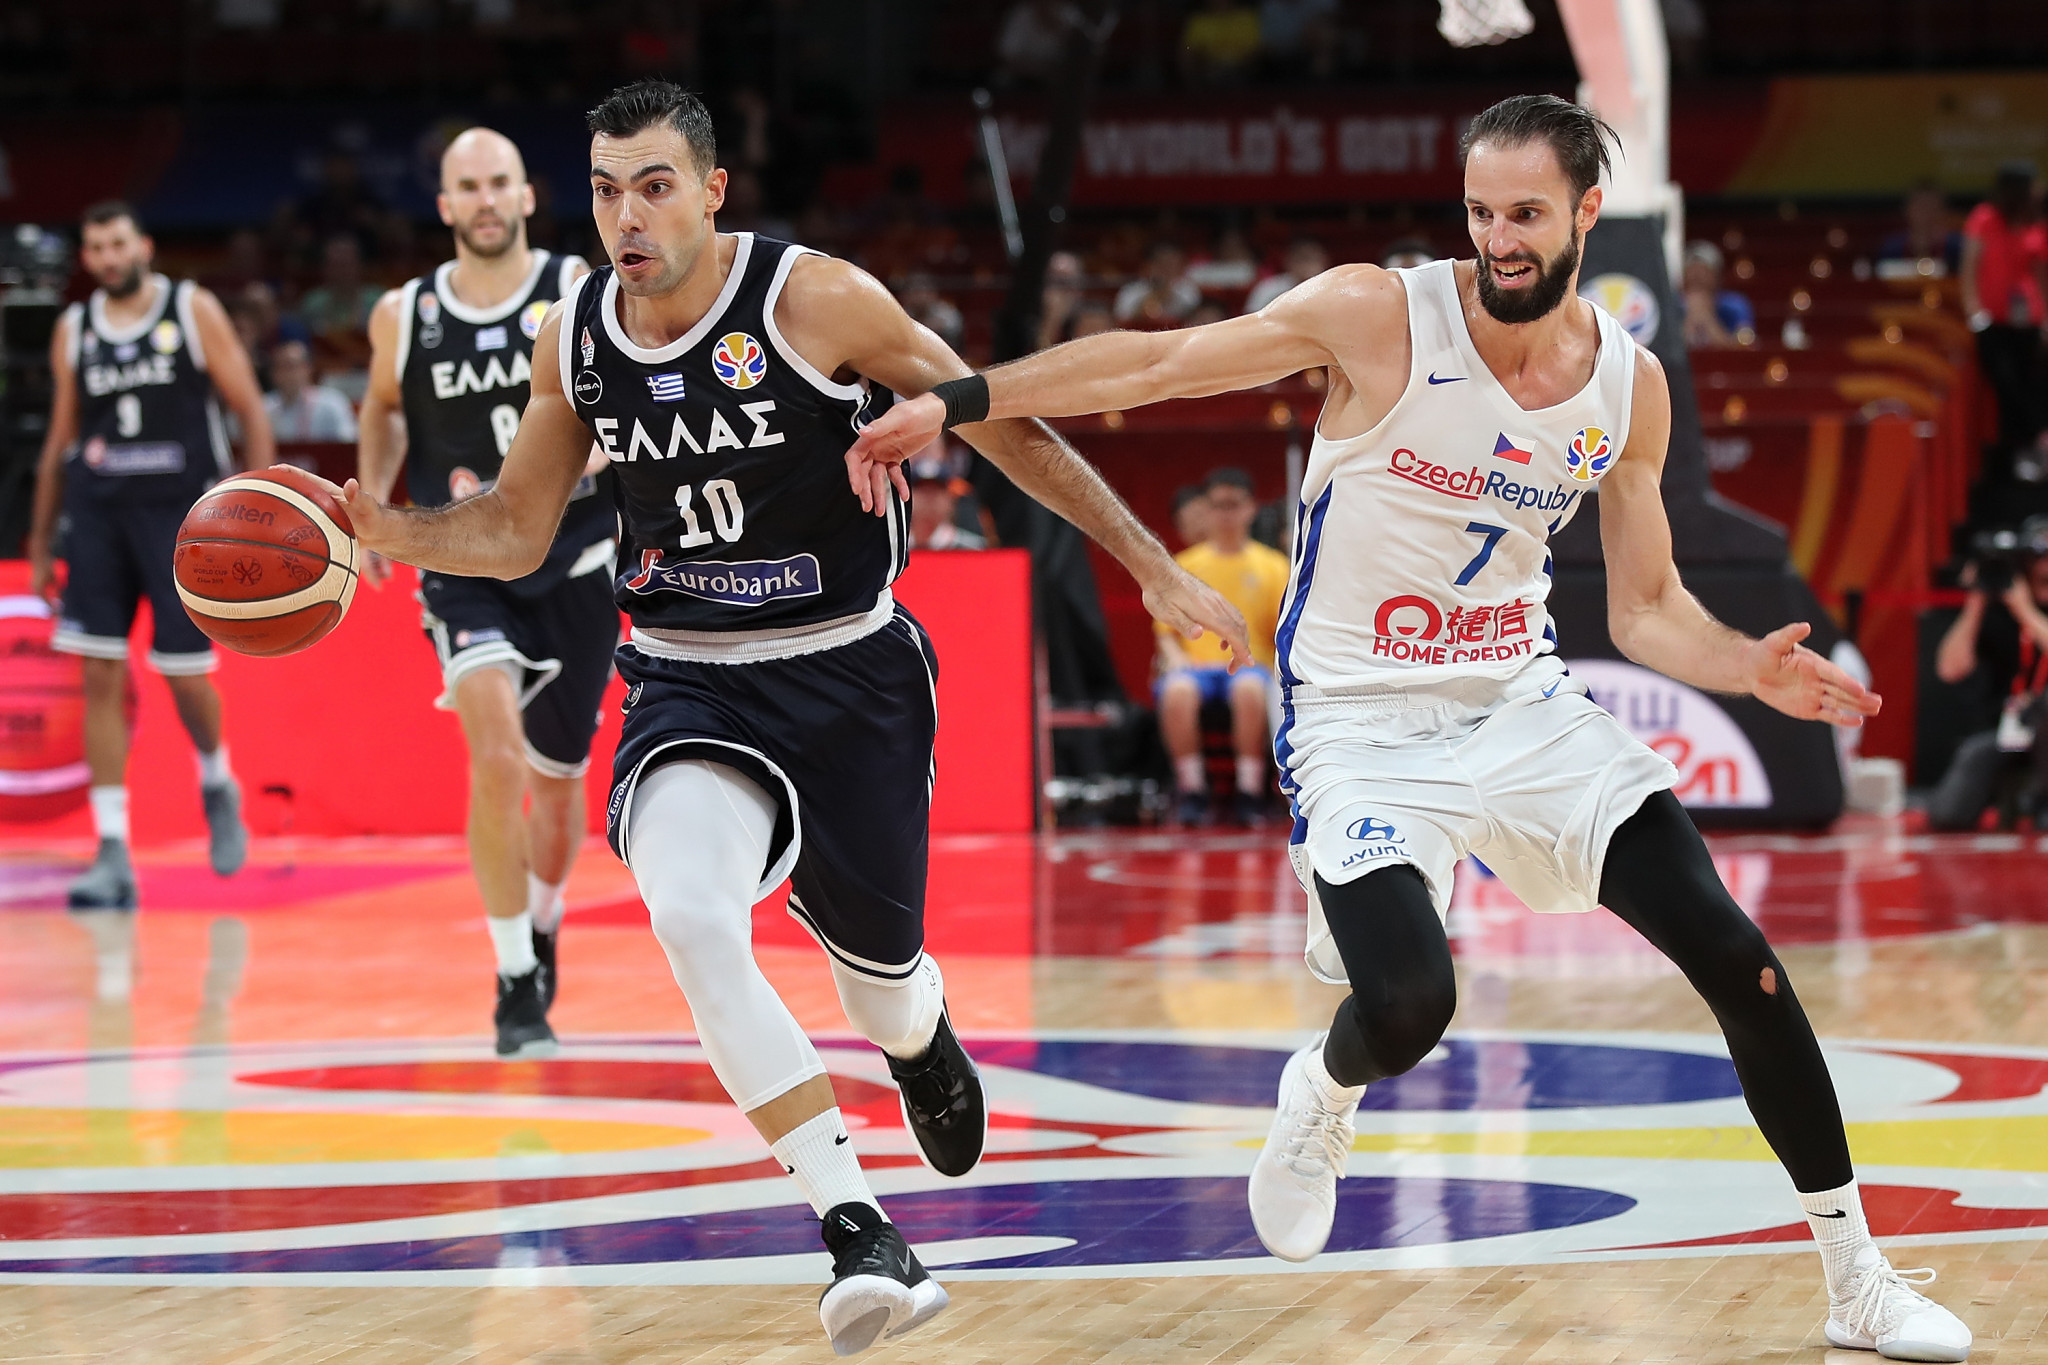 Η Ελλάδα δεν προκρίθηκε στους Ολυμπιακούς από το Πεκίνο 2008, όταν τερμάτισε πέμπτη. © Getty Images